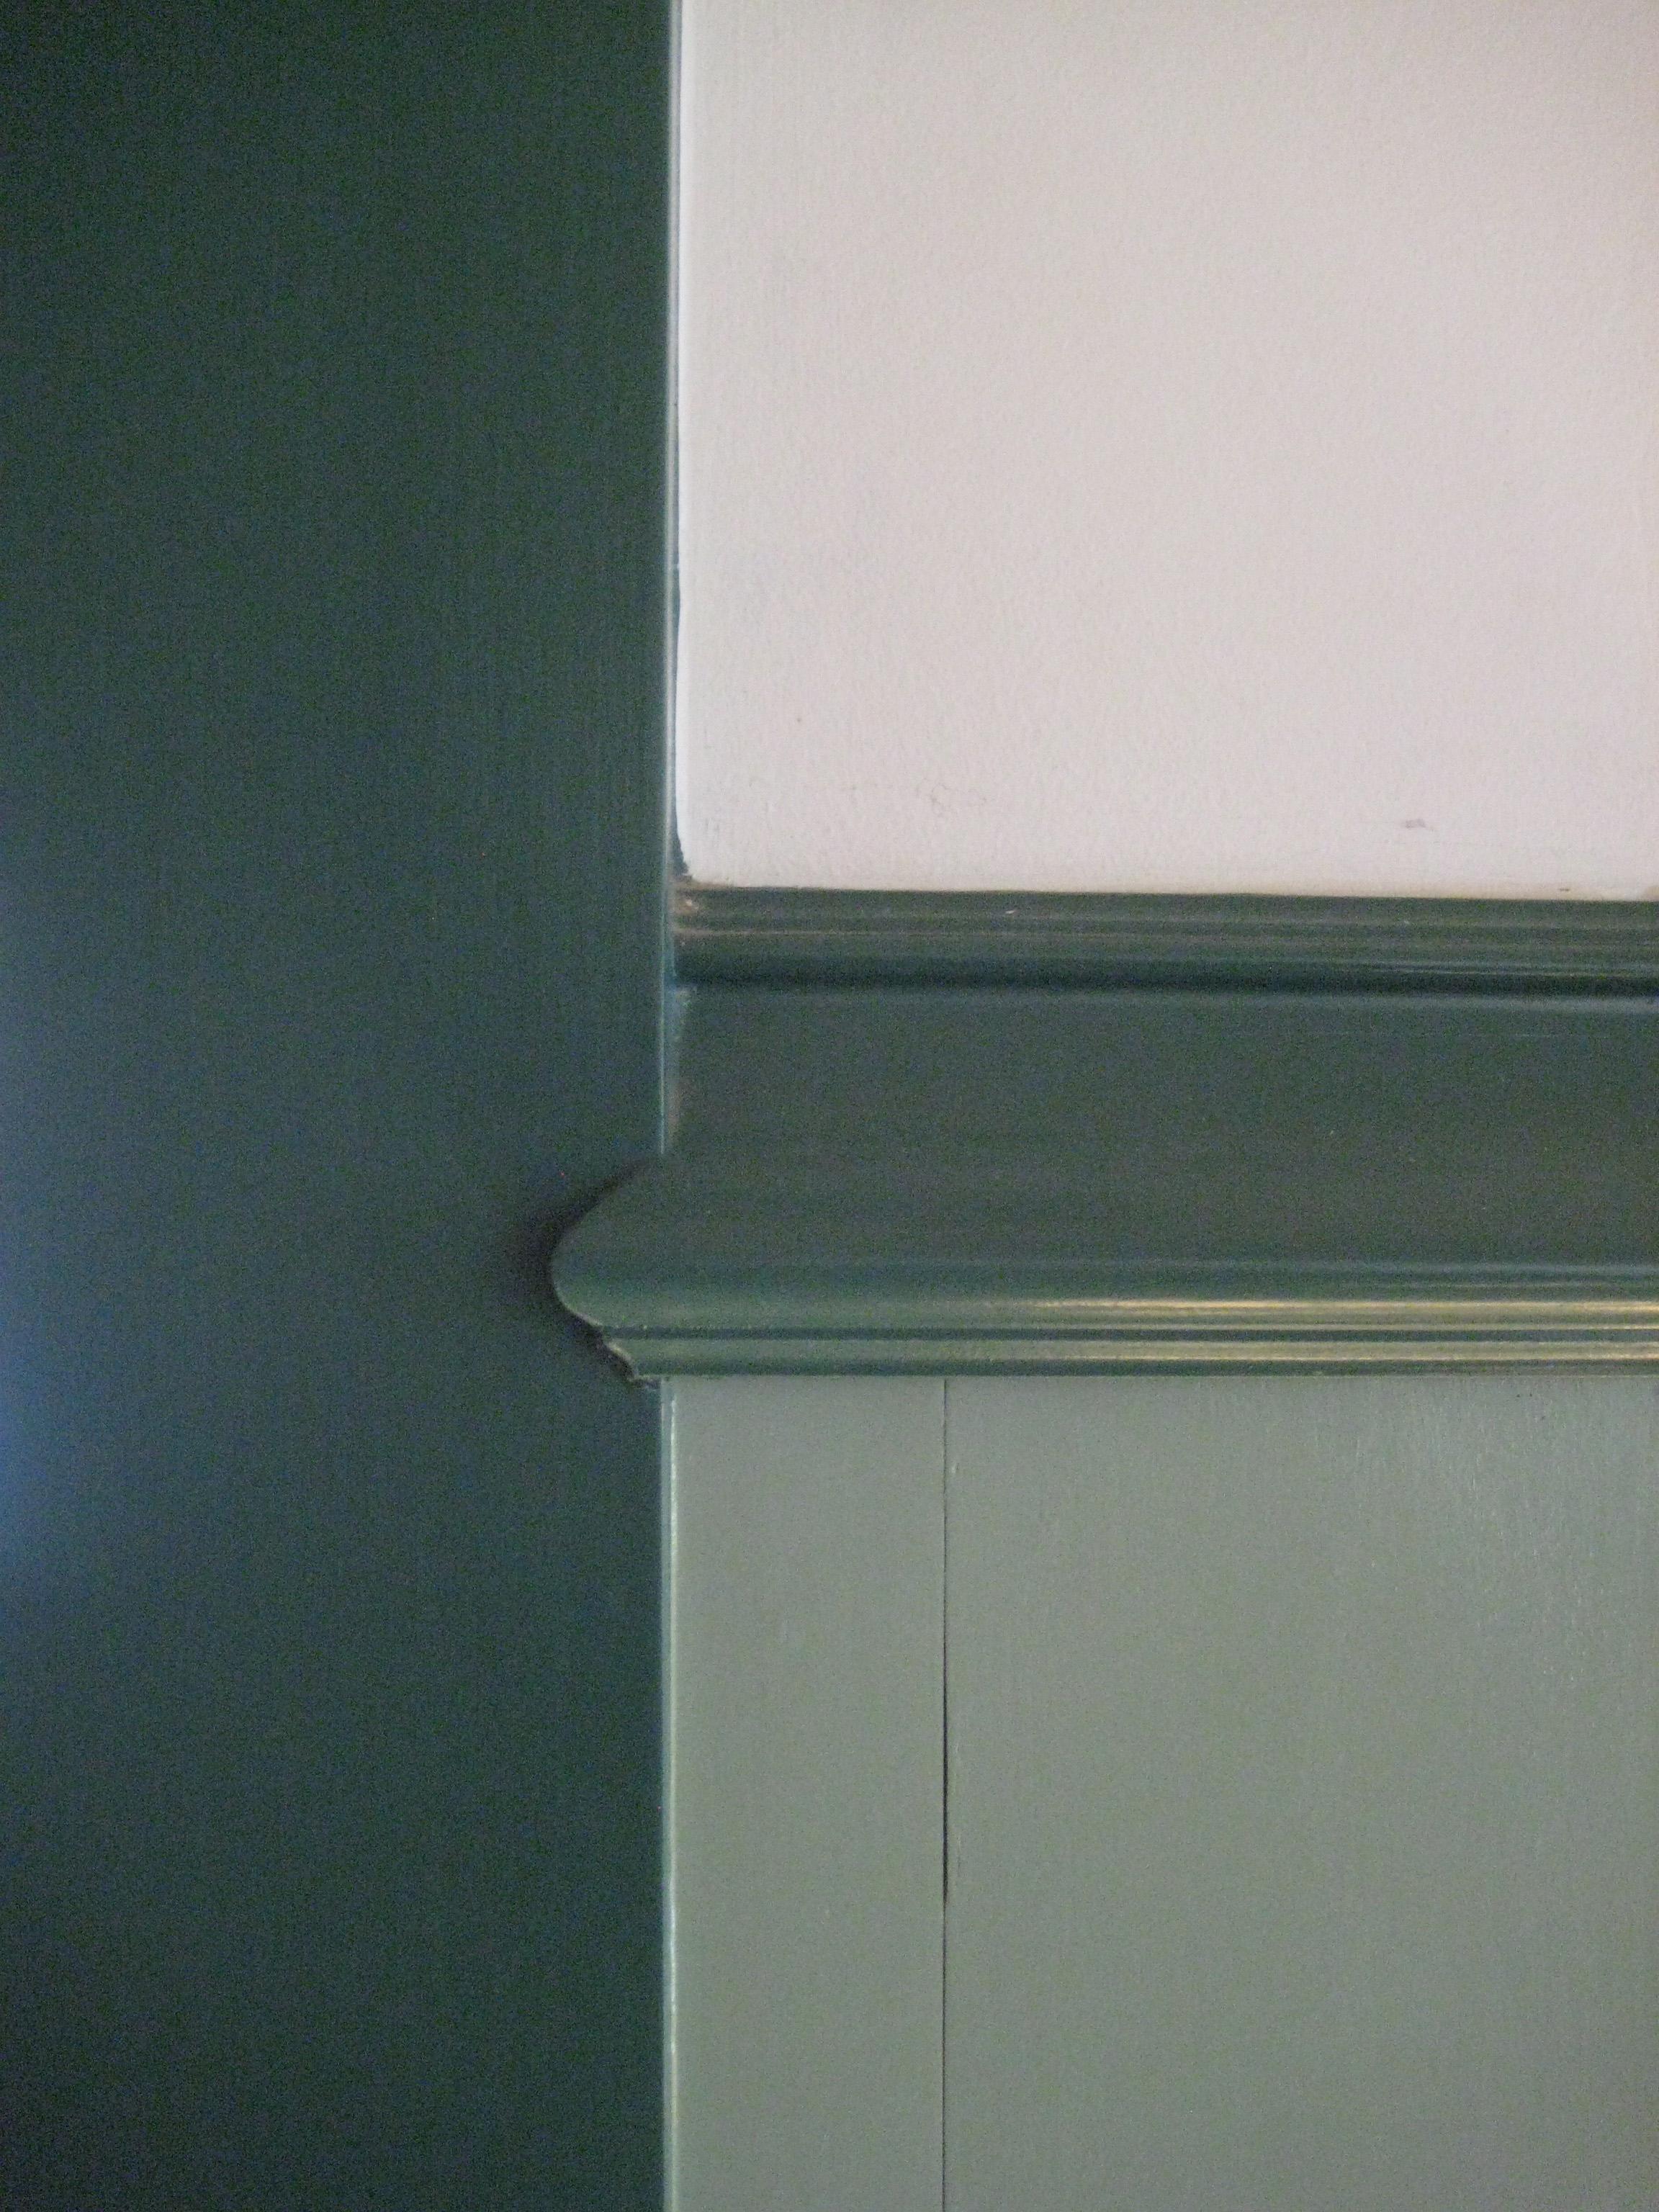 green wainscot detail.jpg